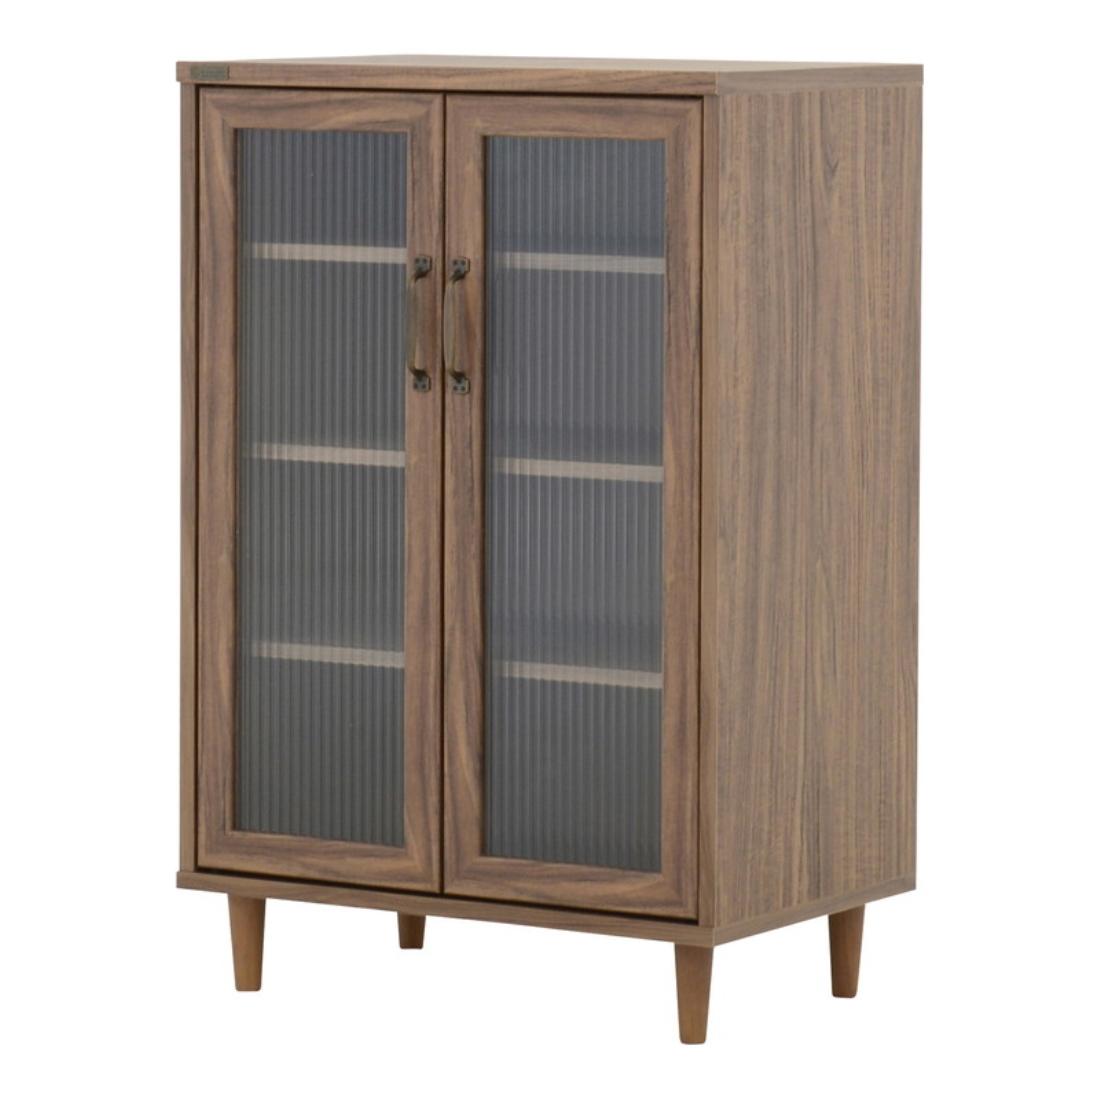 「送料無料」インテリア家具 飾り 収納 棚 POWRY(ポーリー)キャビネット(60cm幅) オシャレ